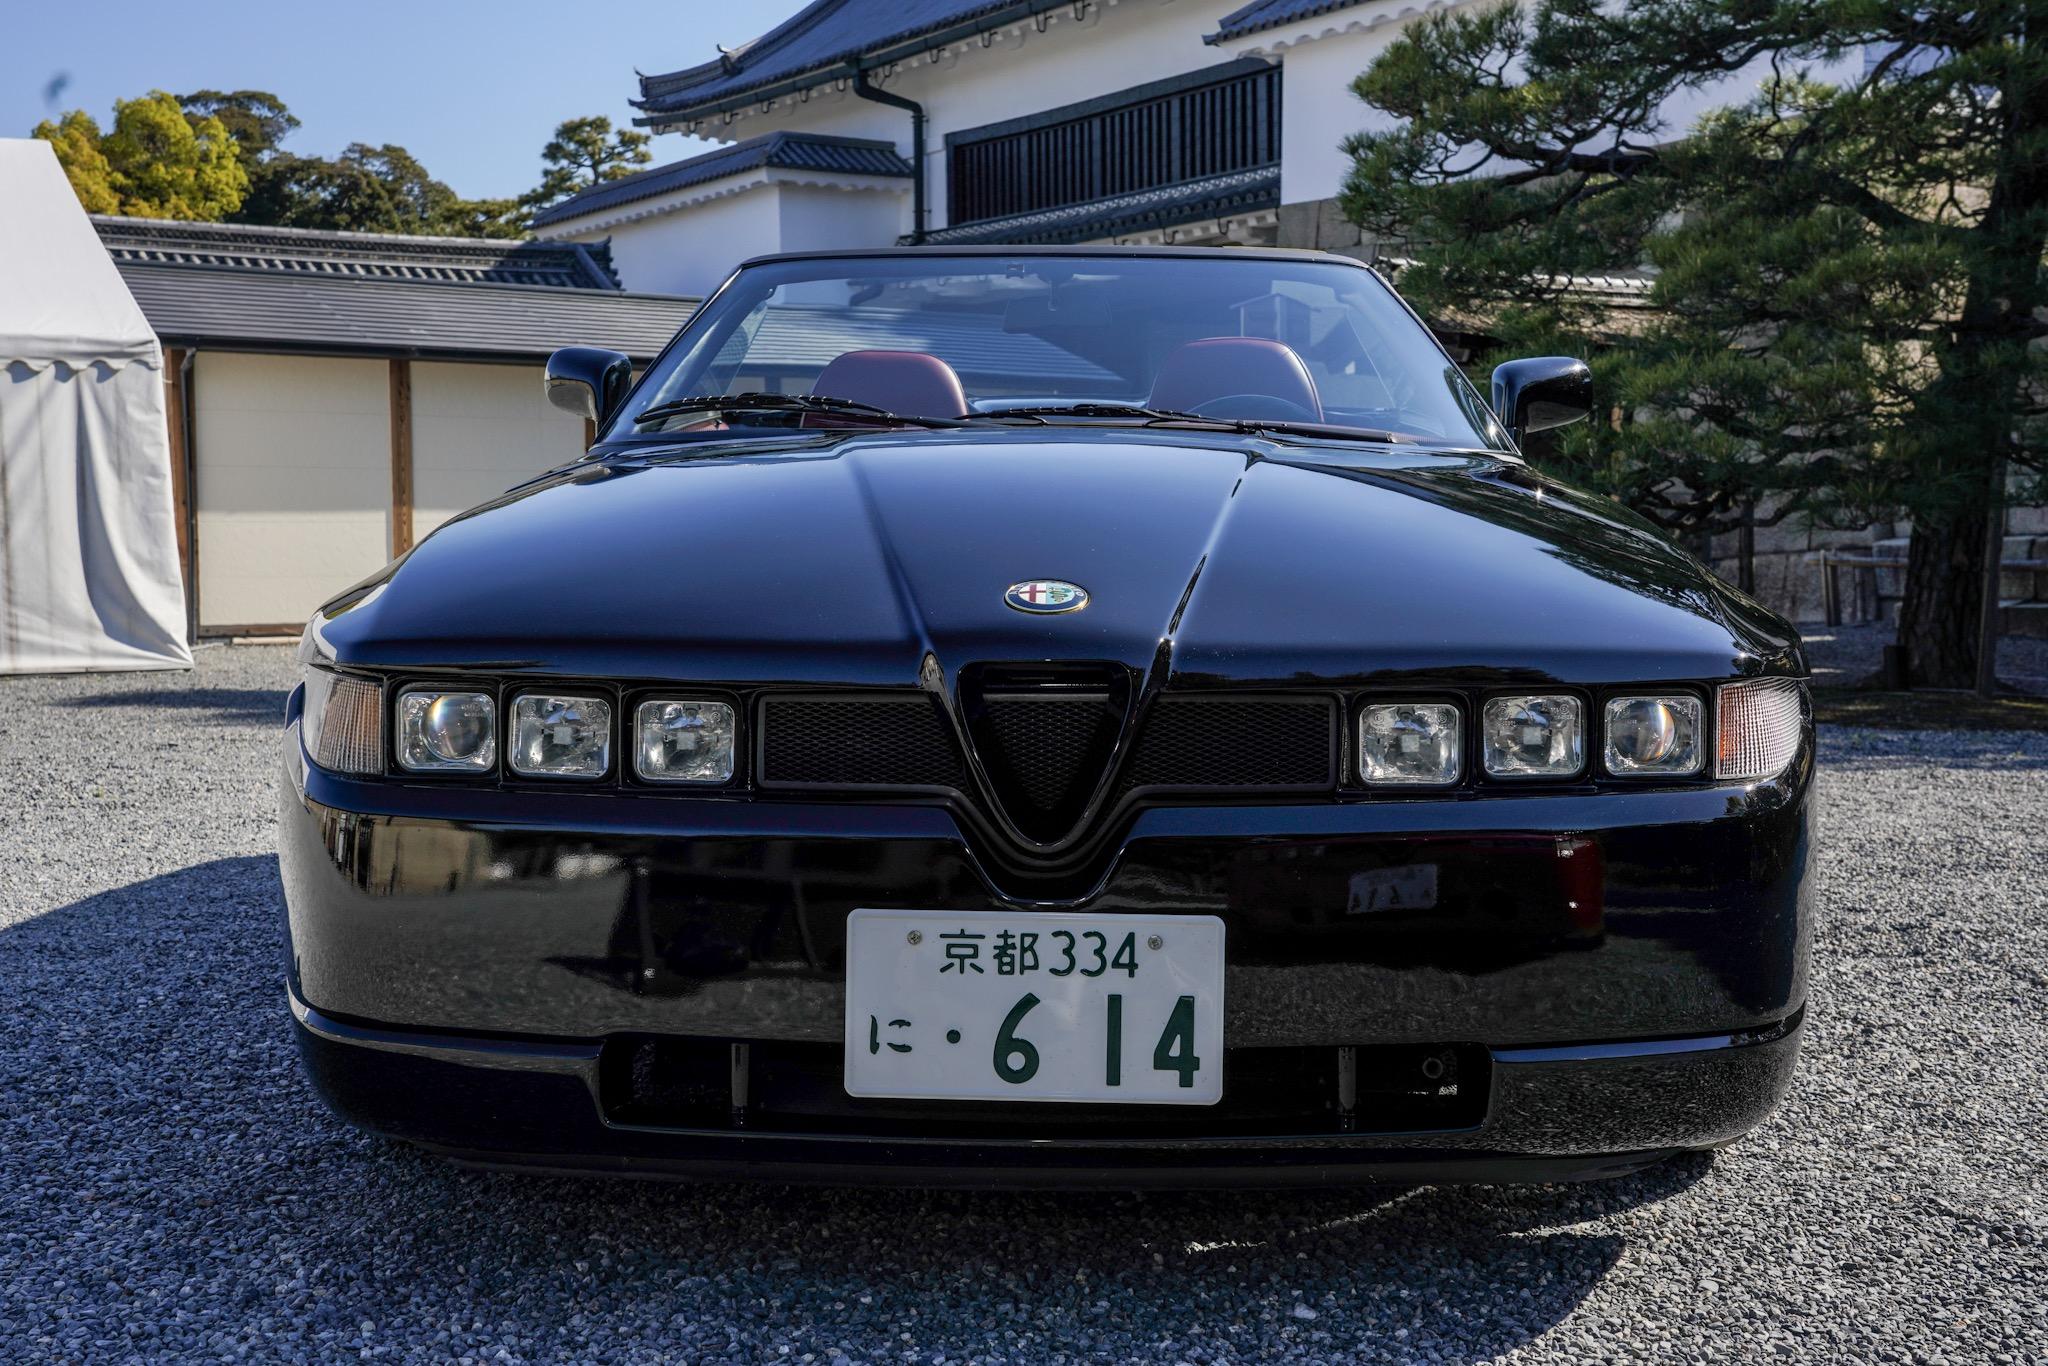 アルファロメオ RZ ザガート コンコルソ・デレガンツァ・京都2019